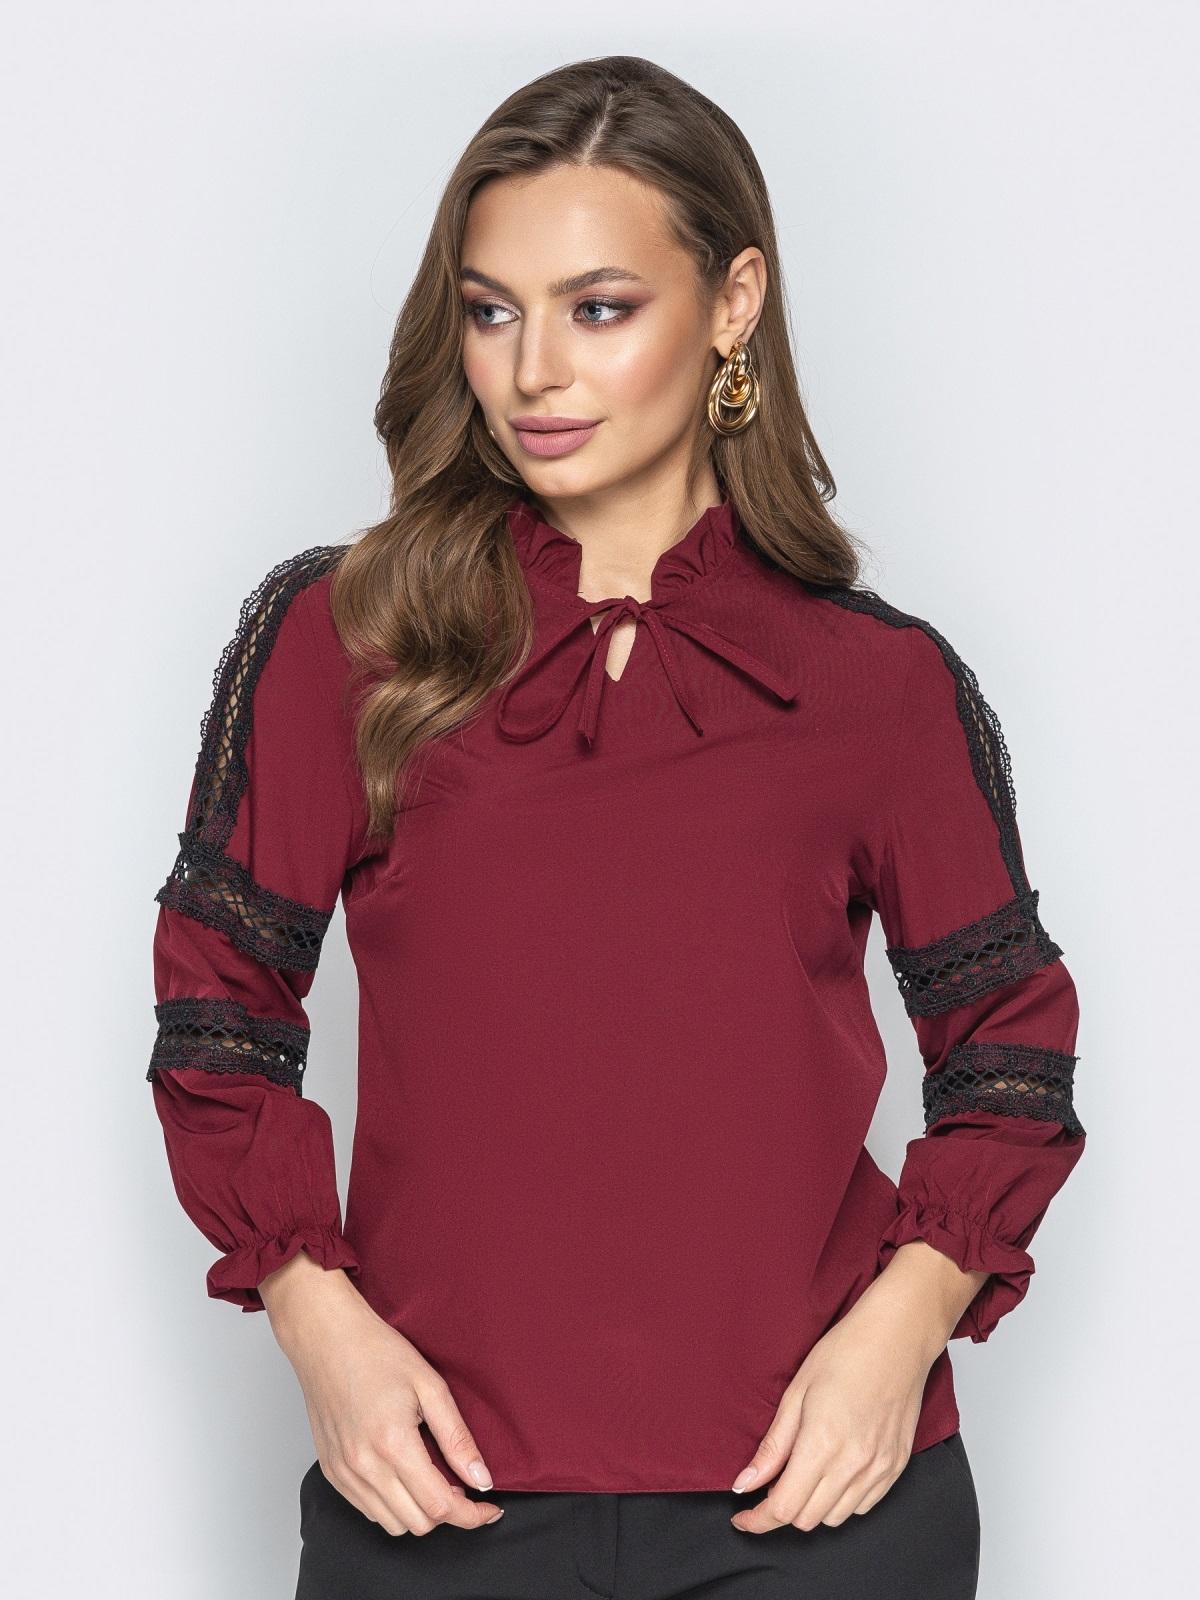 Бордовая блузка с фатиновыми вставками и воротником на завязках - 20783, фото 1 – интернет-магазин Dressa